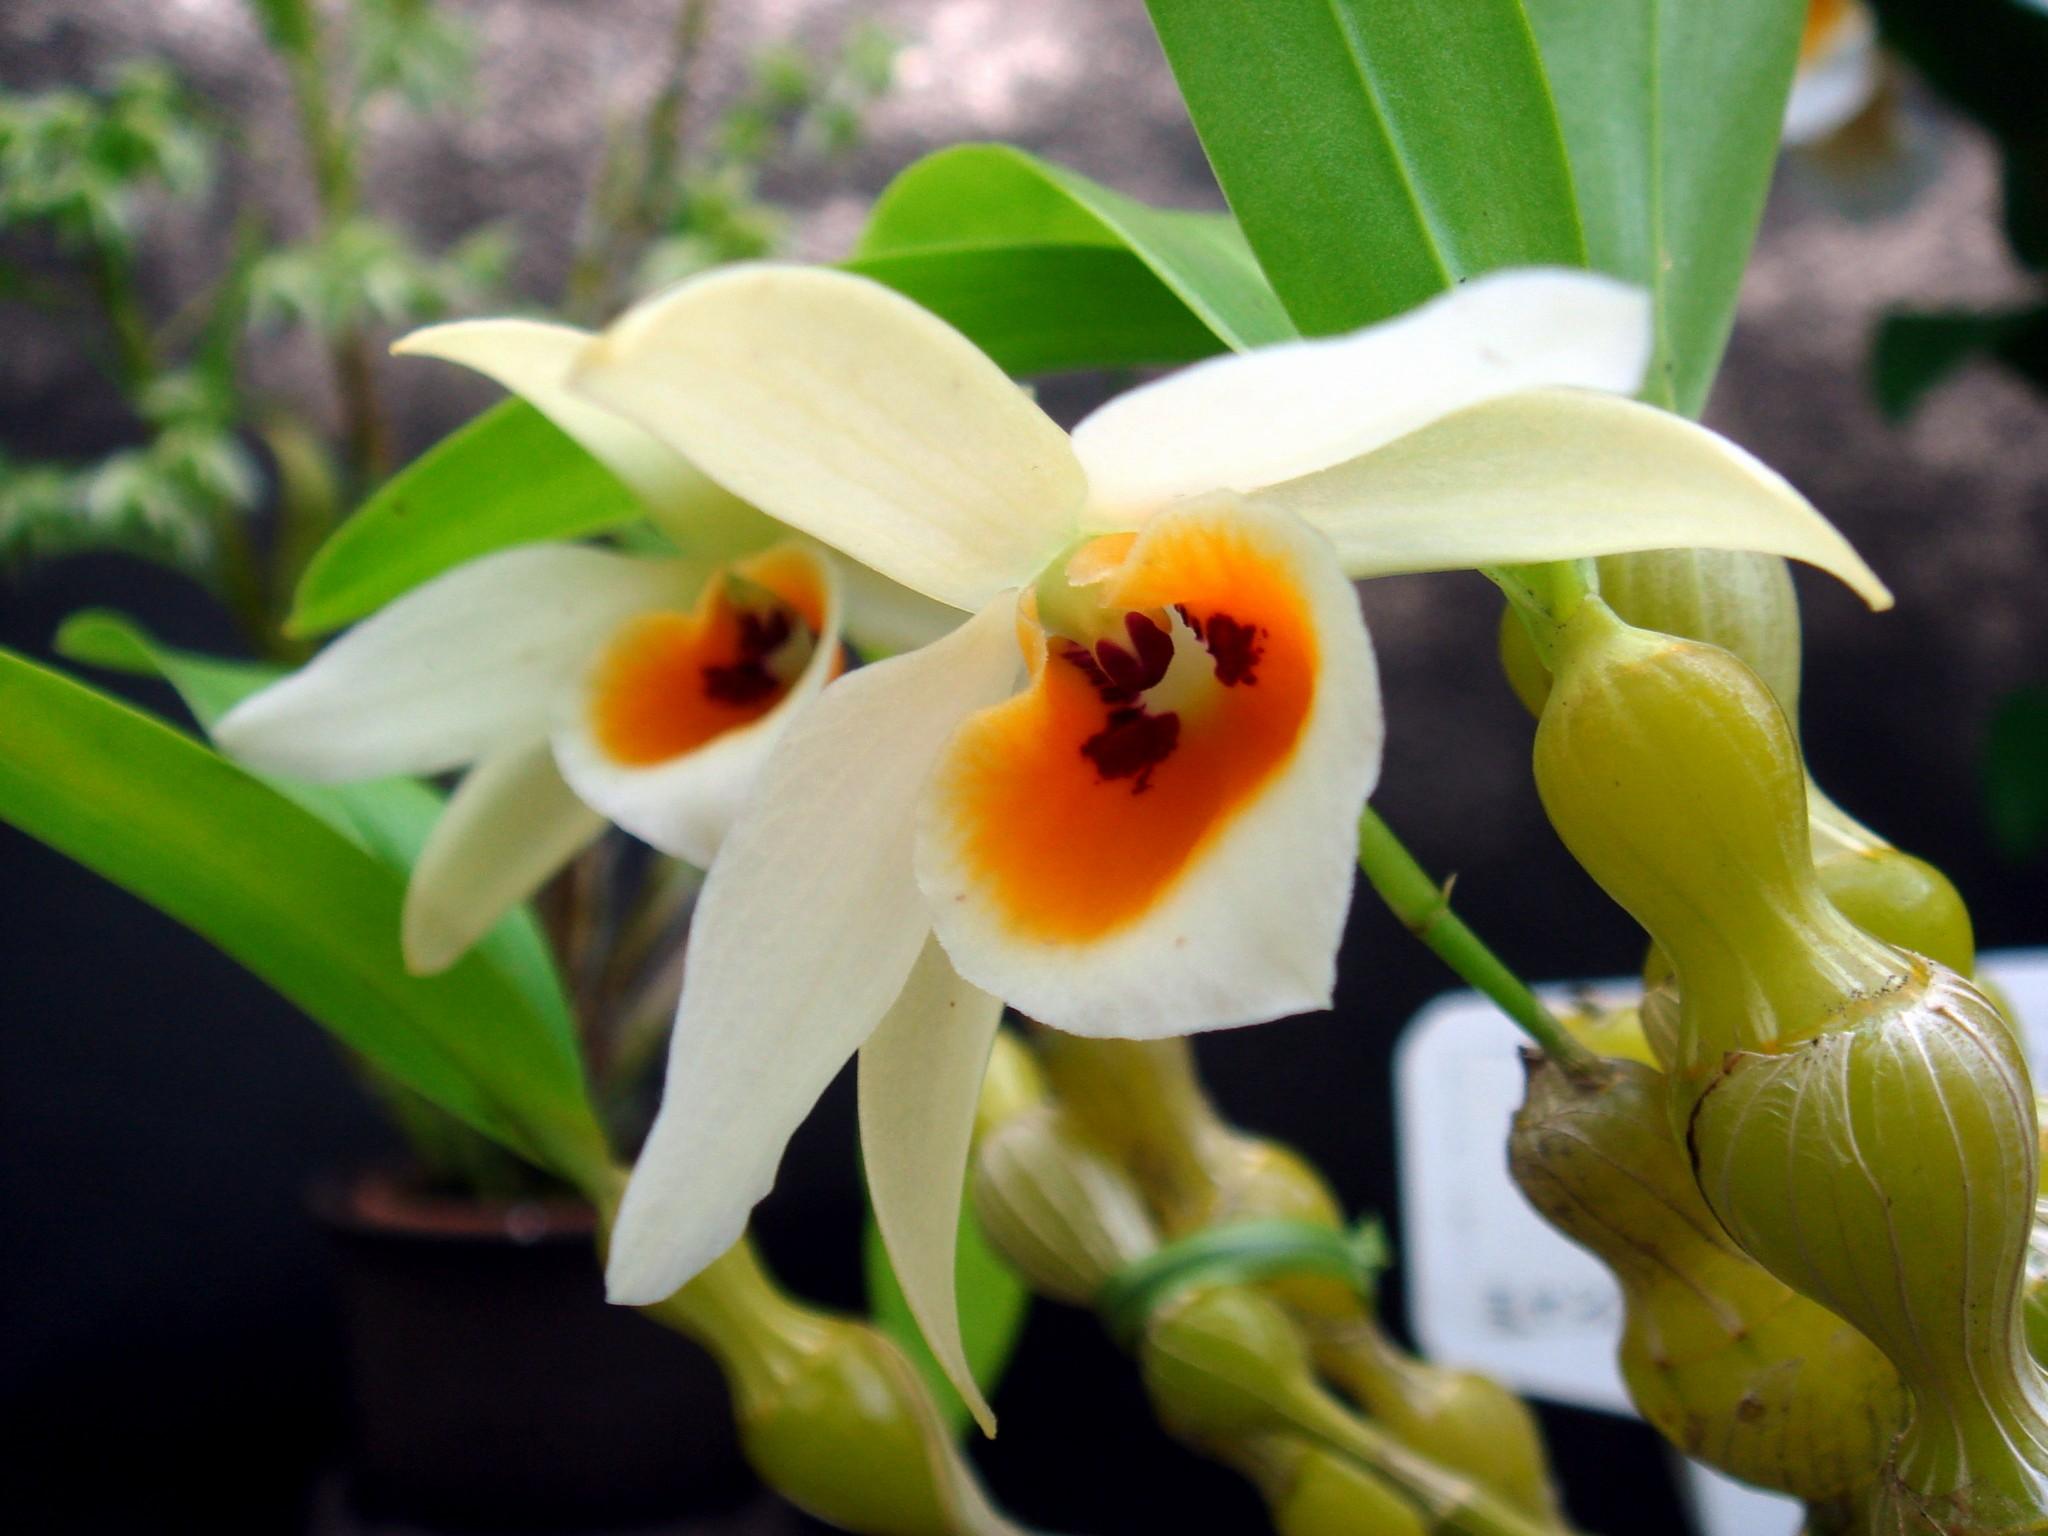 http://orchids.la.coocan.jp/Dendrobium/Dendrobium%20aphrodite/DSC02310.JPG